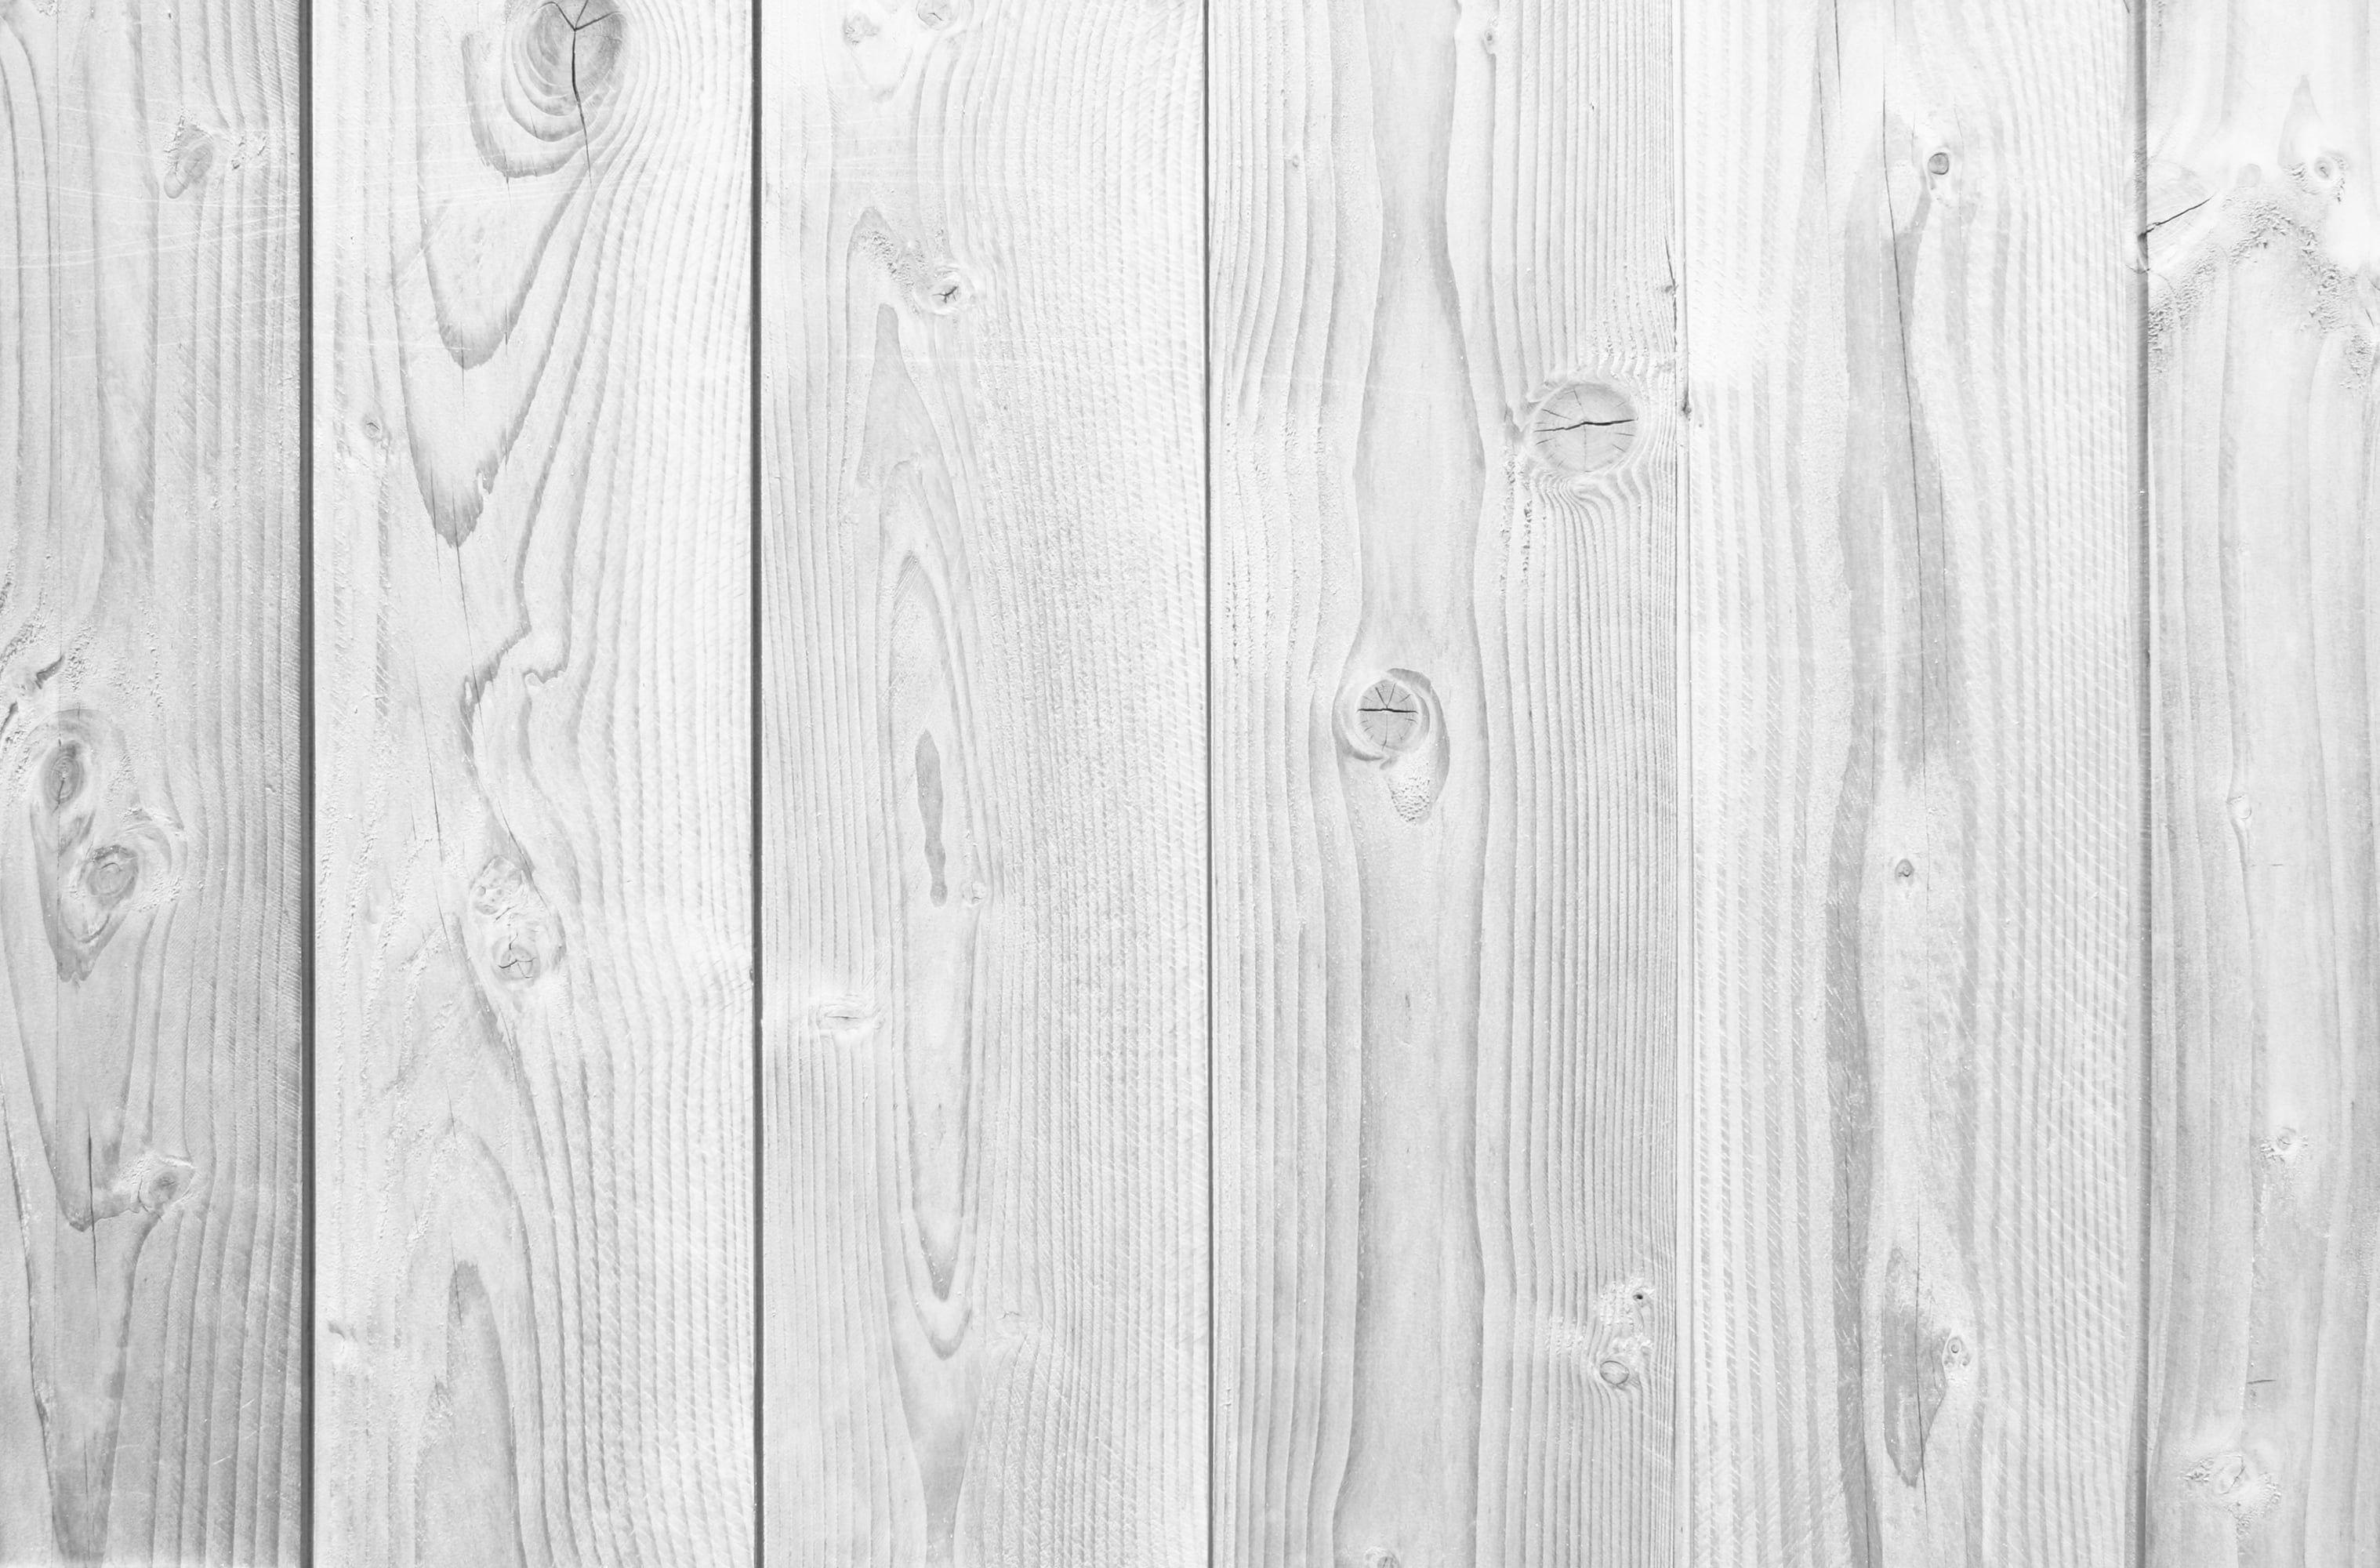 Wooden Background Light Texture 2k Wallpaper Hdwallpaper Desktop White Wood Texture White Wood Wallpaper Wood Texture Background